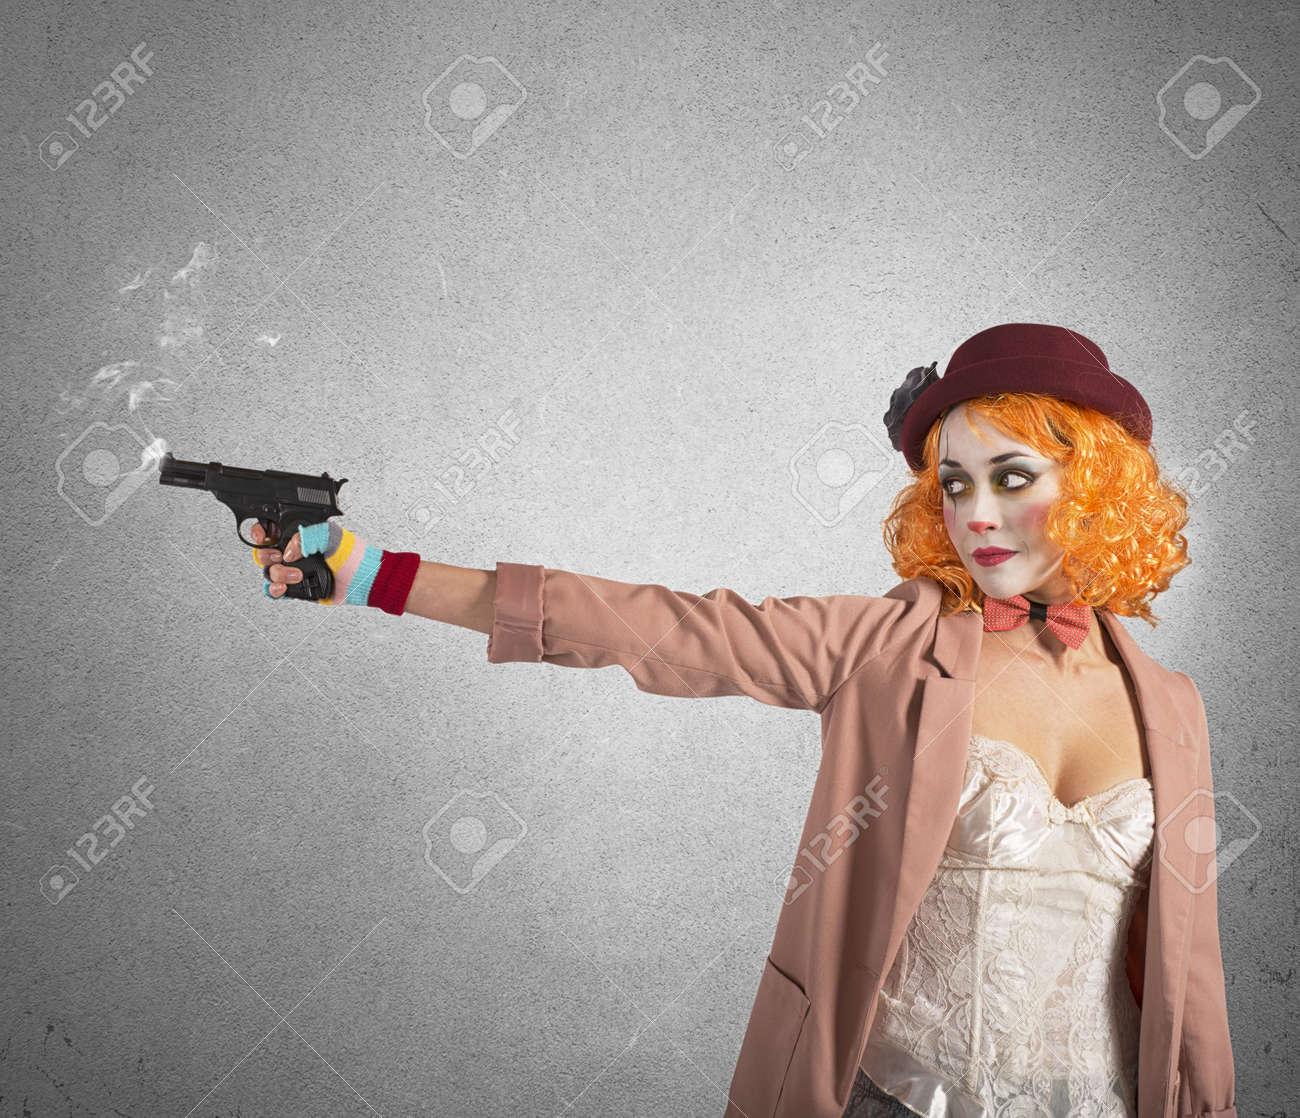 Je pense être un Zèbre épanoui... 38666341-clown-voleur-tire-pistolet-encore-fumant-de-pentec%C3%B4te